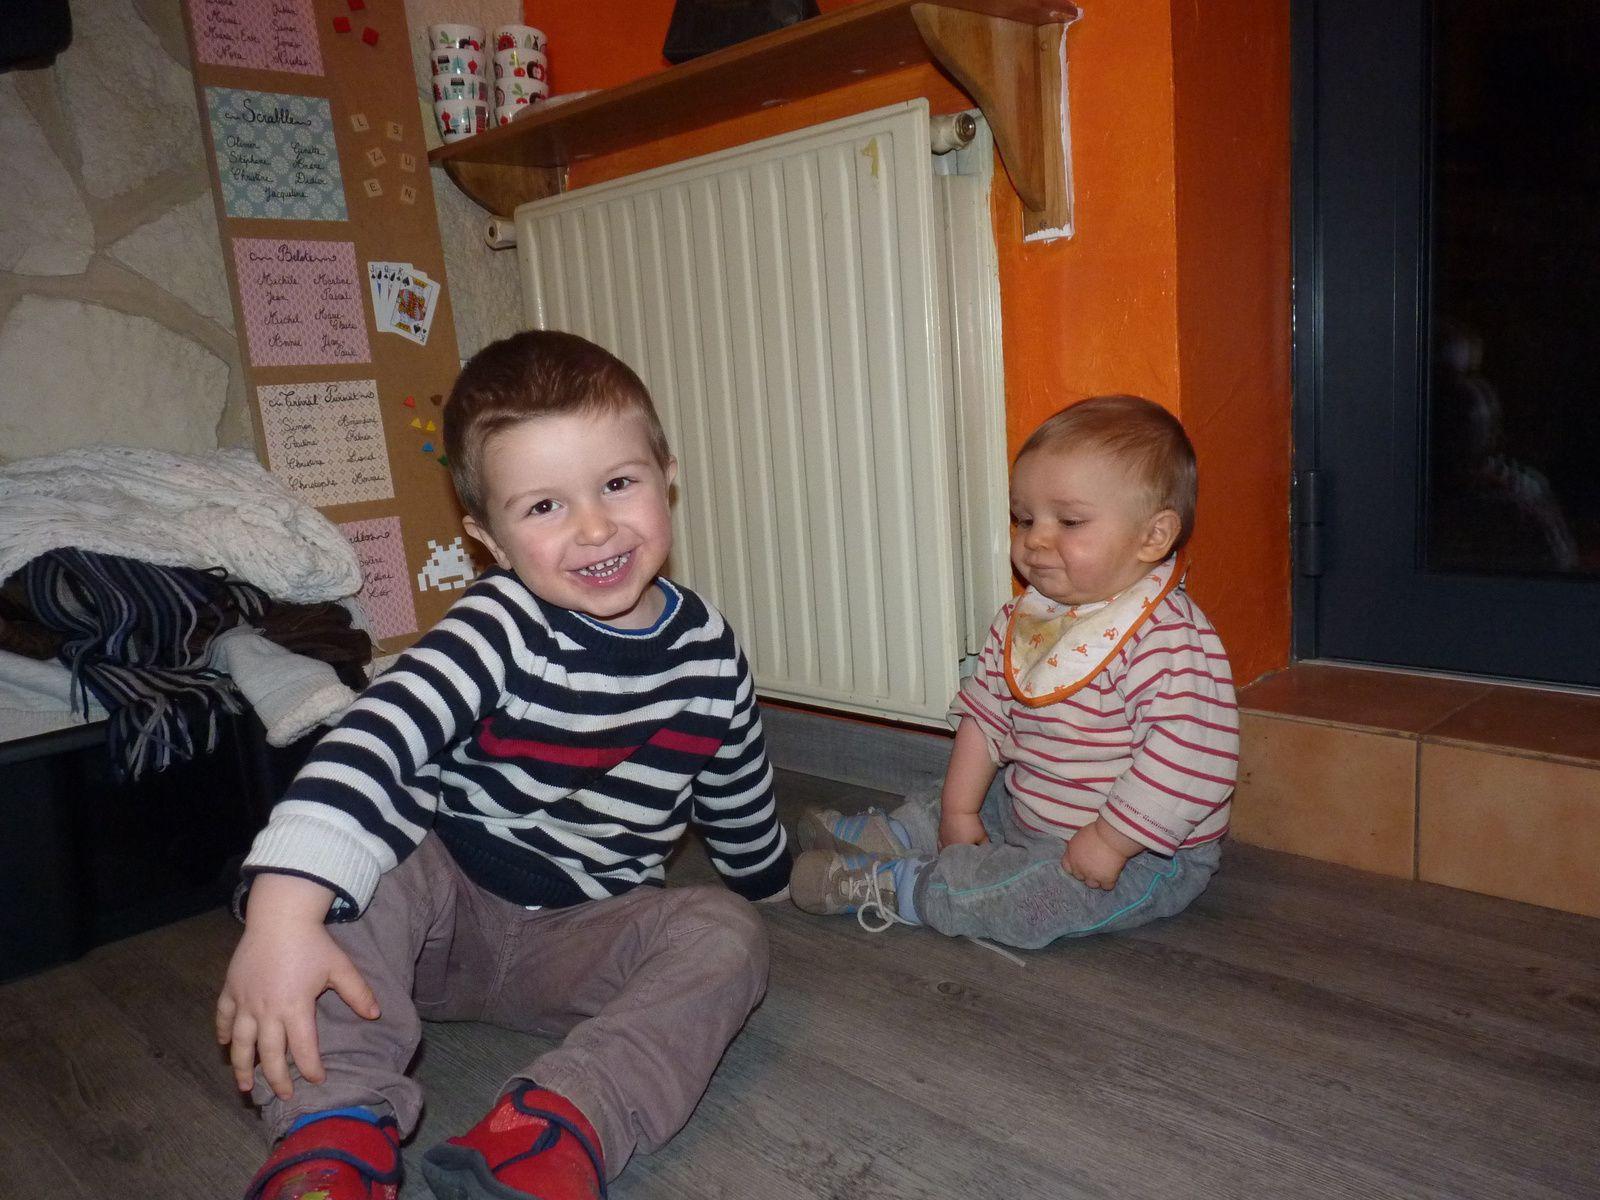 Un radiateurs et deux boys